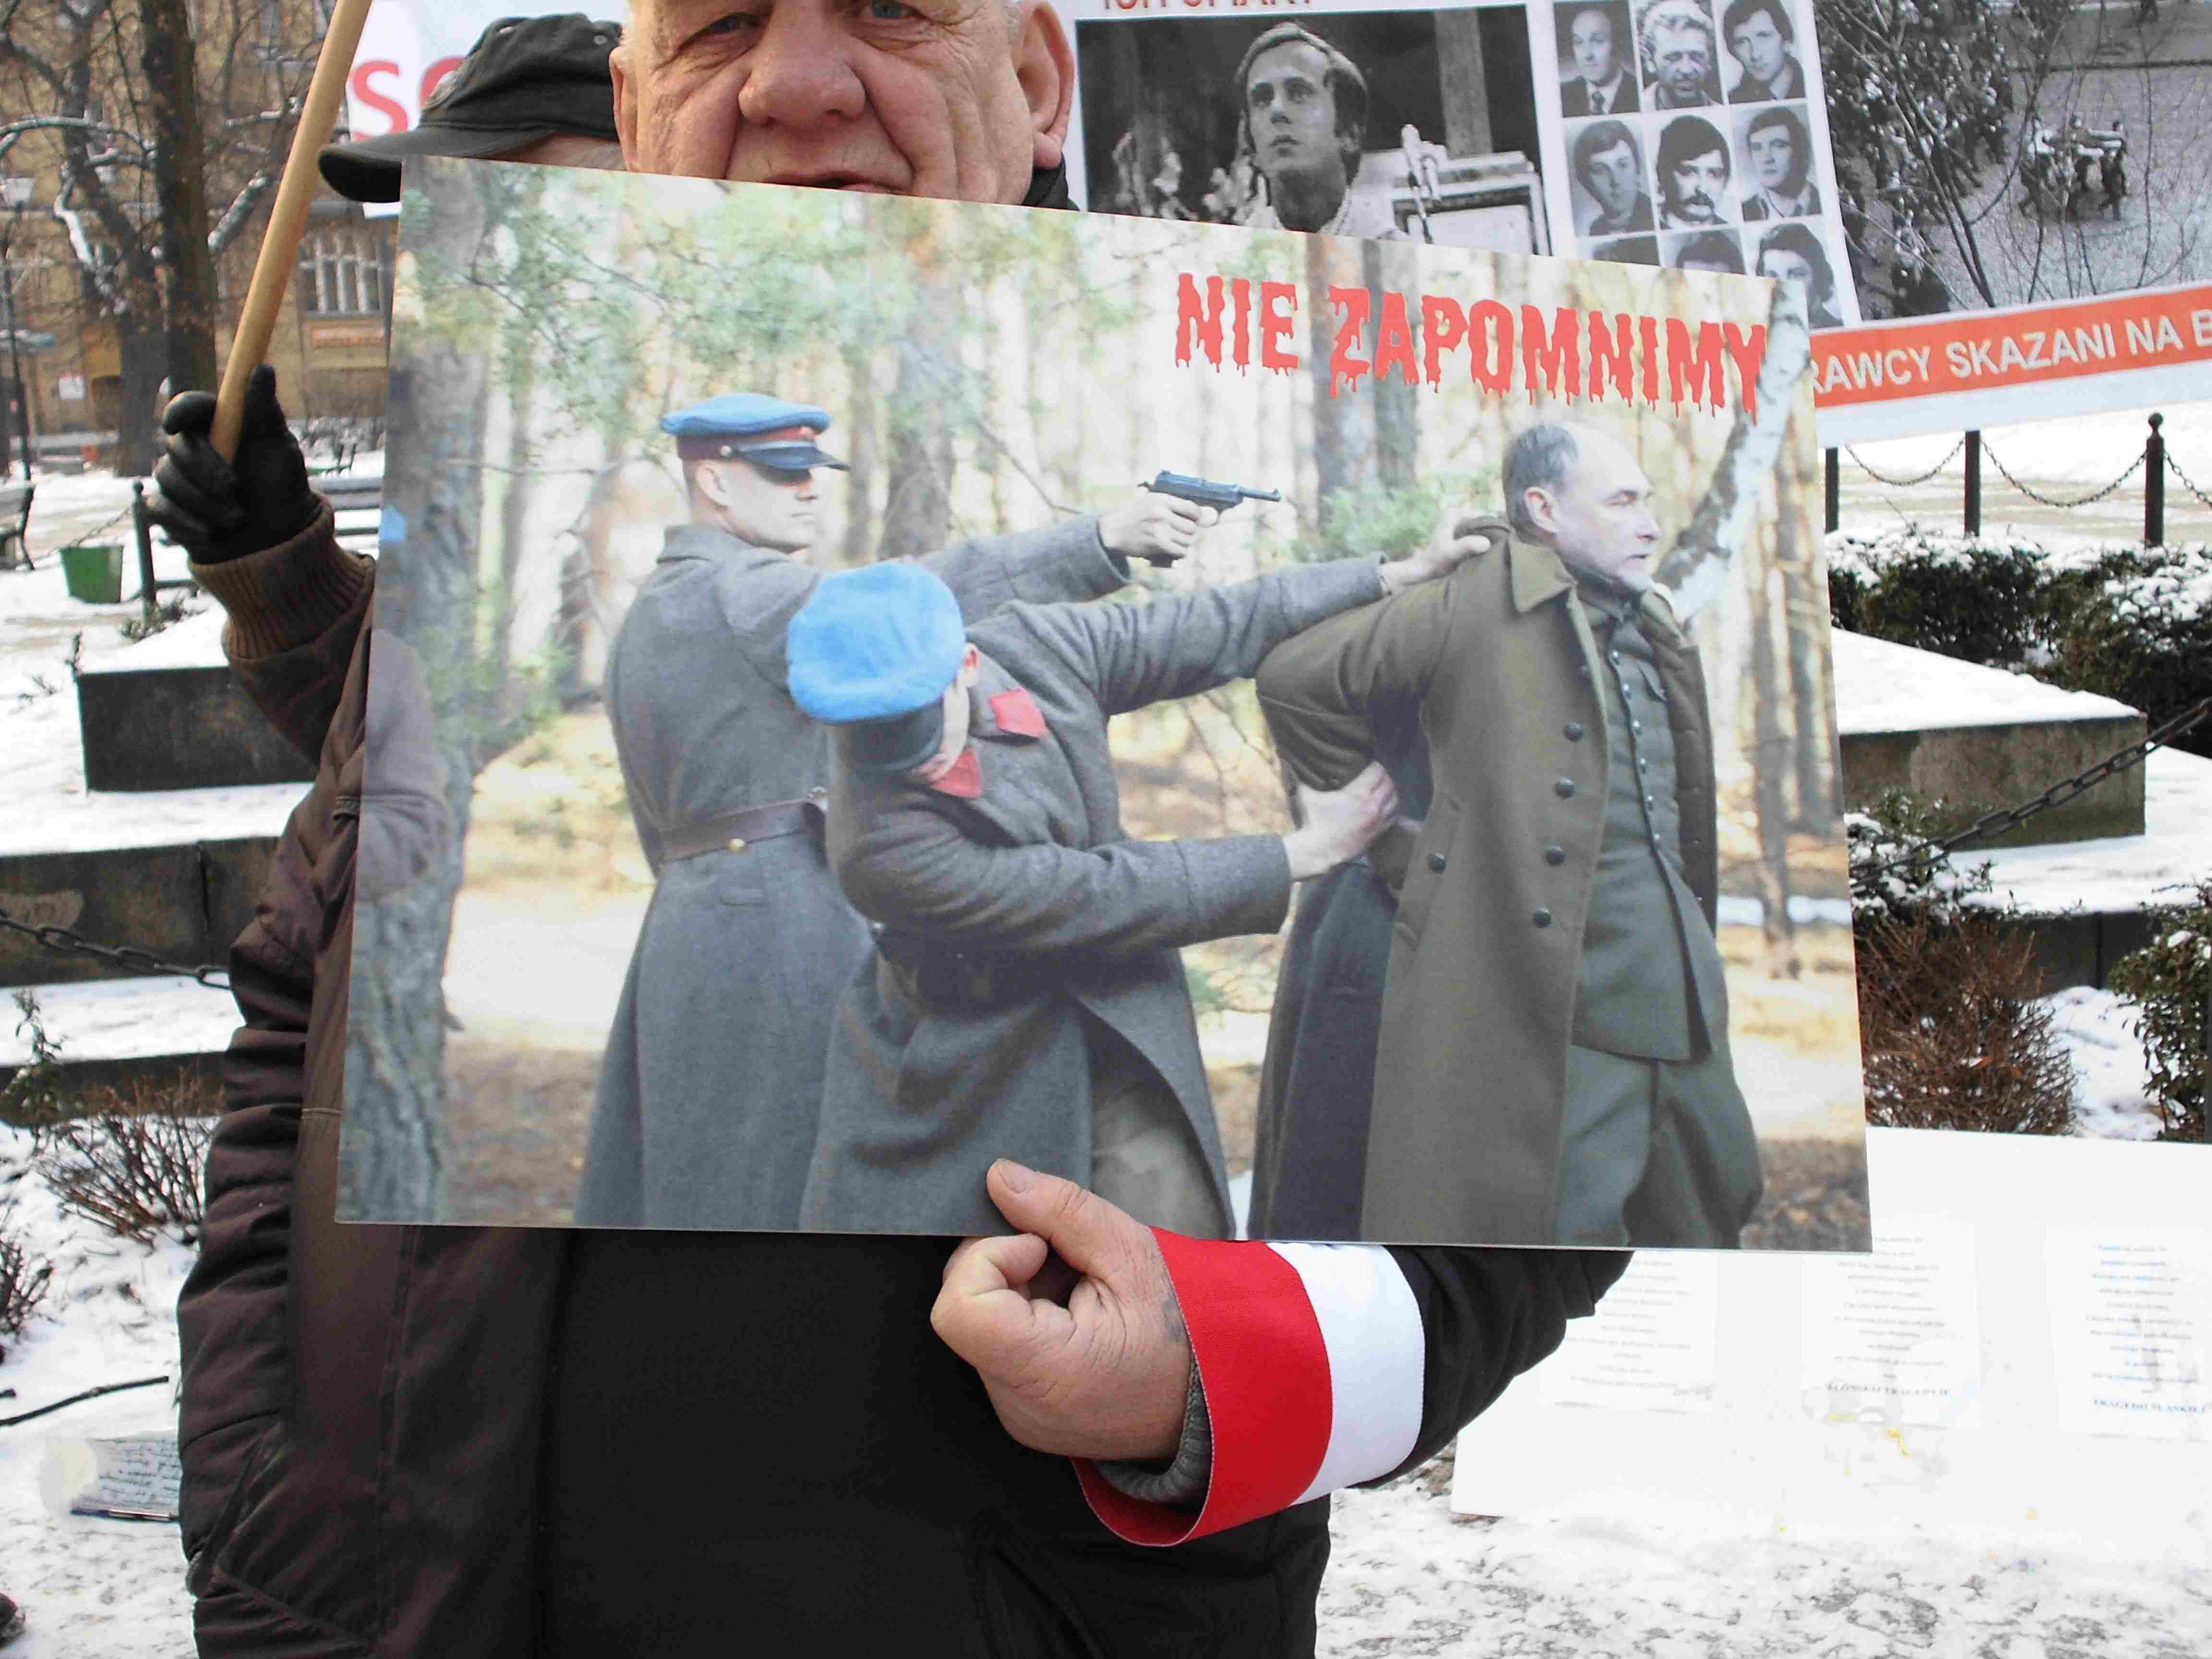 WOLNY CZYN: Pikieta pod pomnikiem NKWD 26 stycznia – Katowice (film!)